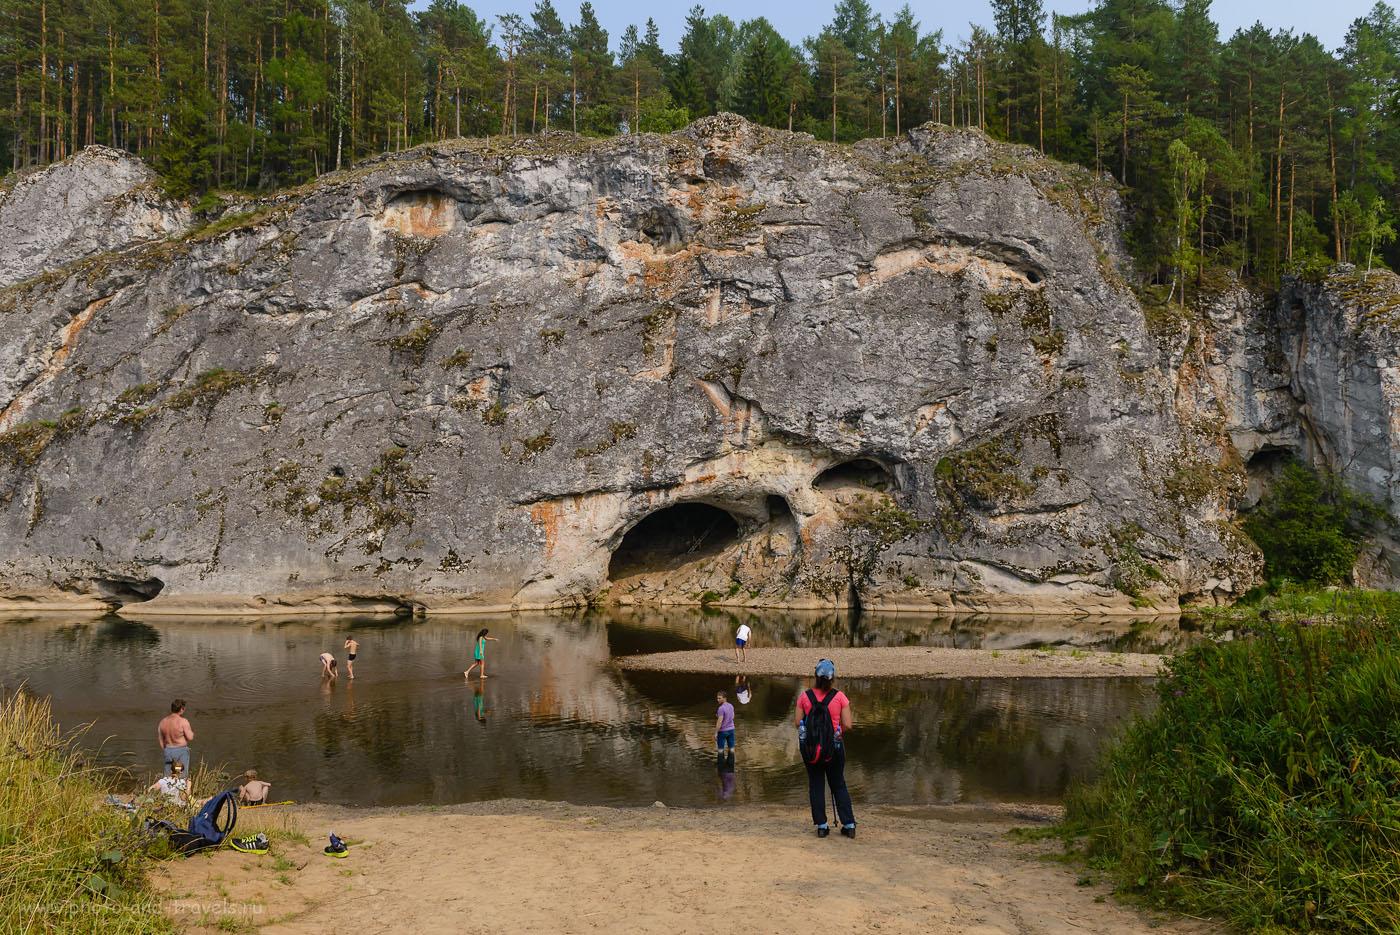 """Карстовый мост в природном парке """"Оленьи ручьи"""". Читайте отзыв о самостоятельной экскурсии в отдельном фотоотчете."""